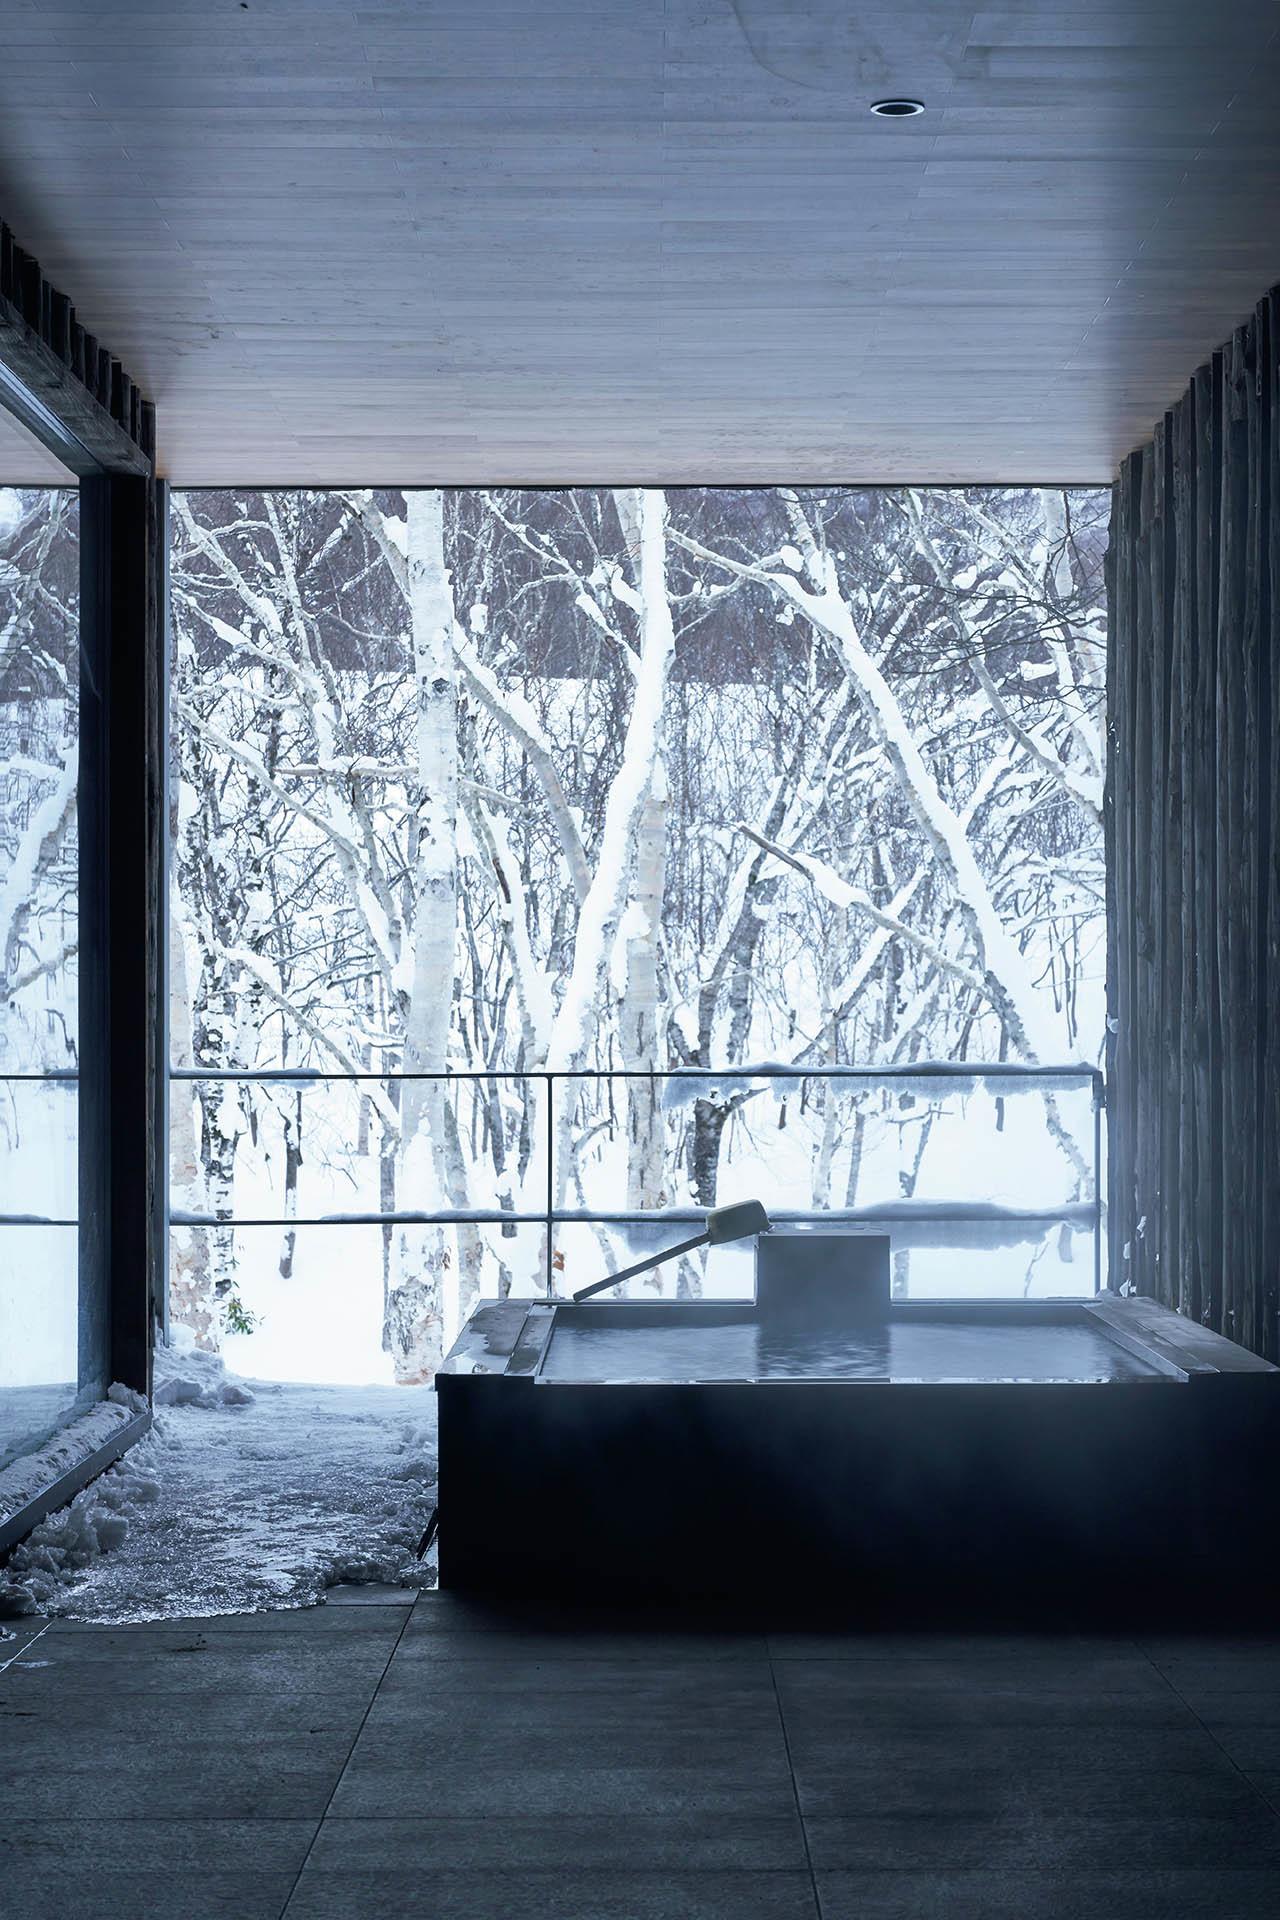 すぐ出かけたい!いいお湯、地元の味、絶景を堪能できる「雪見と美食の宿」 五選_1_1